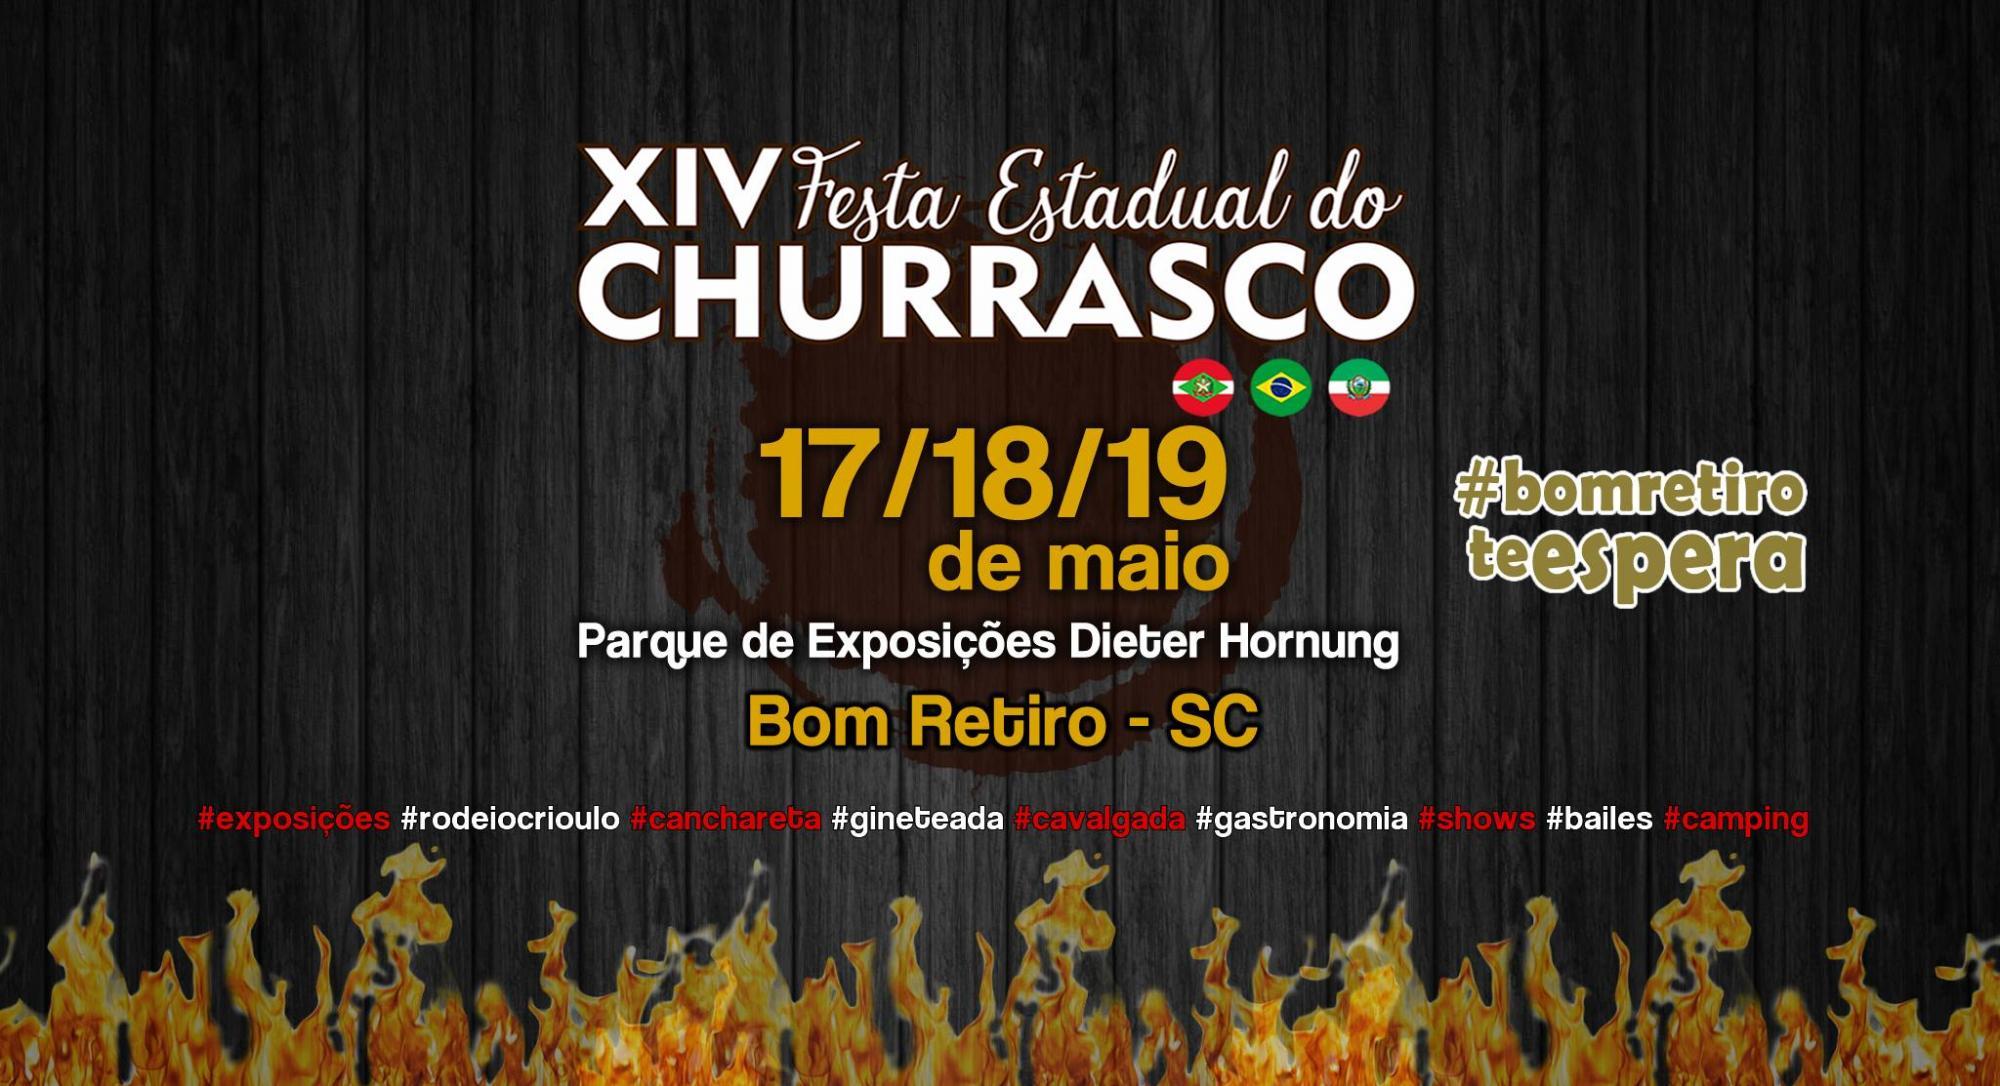 Faltam menos de 15 dias para a Festa do Churrasco em Bom Retiro